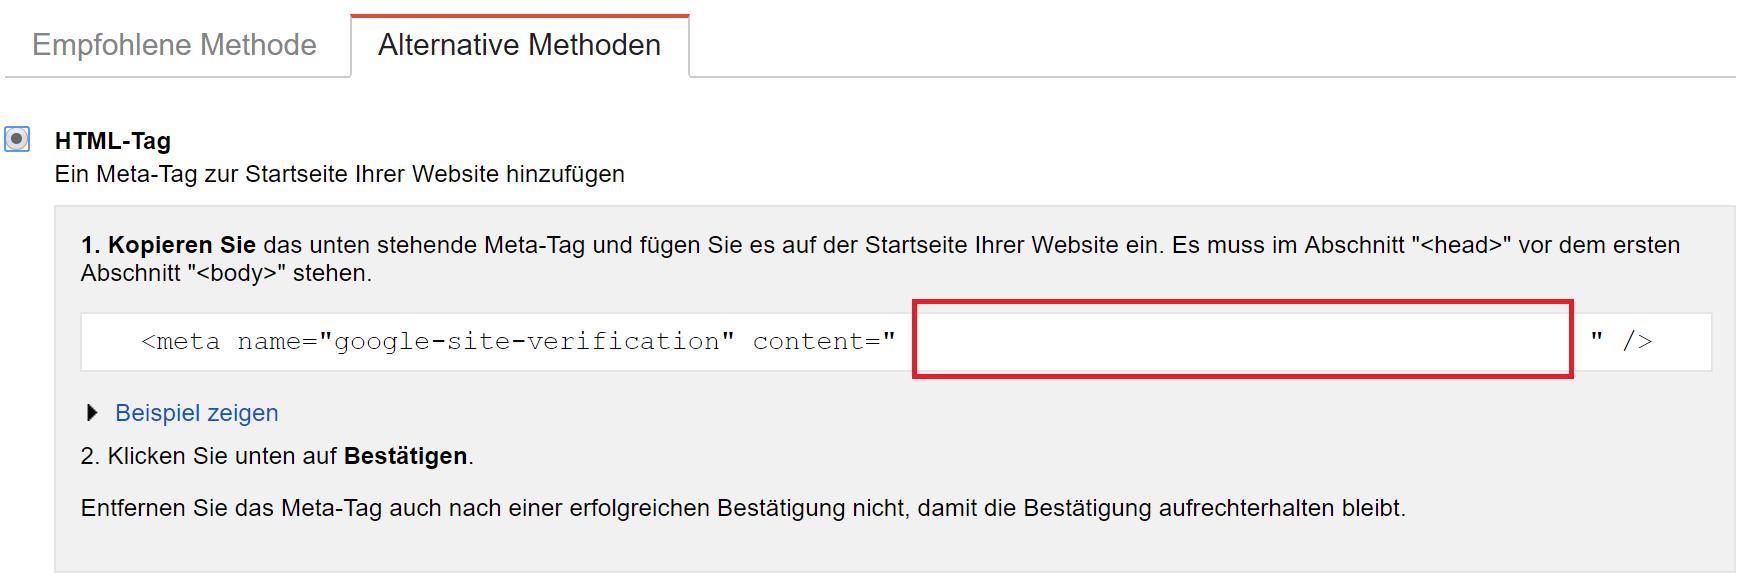 htmltag-search-console-google